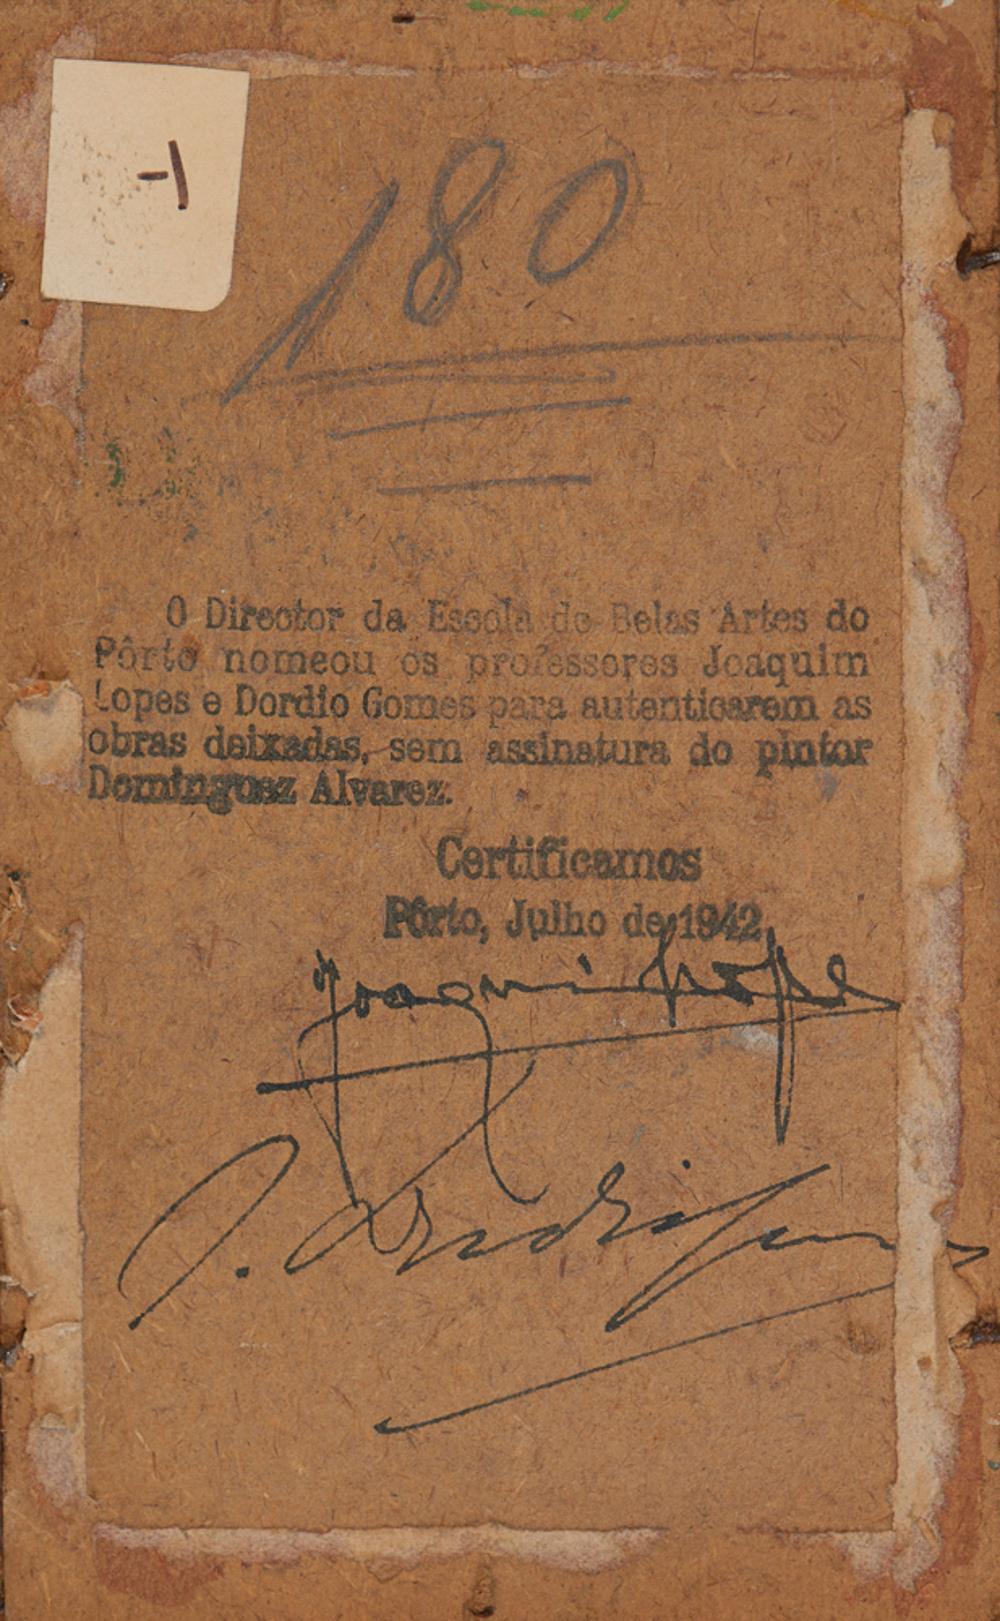 ALVAREZ, José, Óleo sobre cartão, 10,2 x 17 cm.